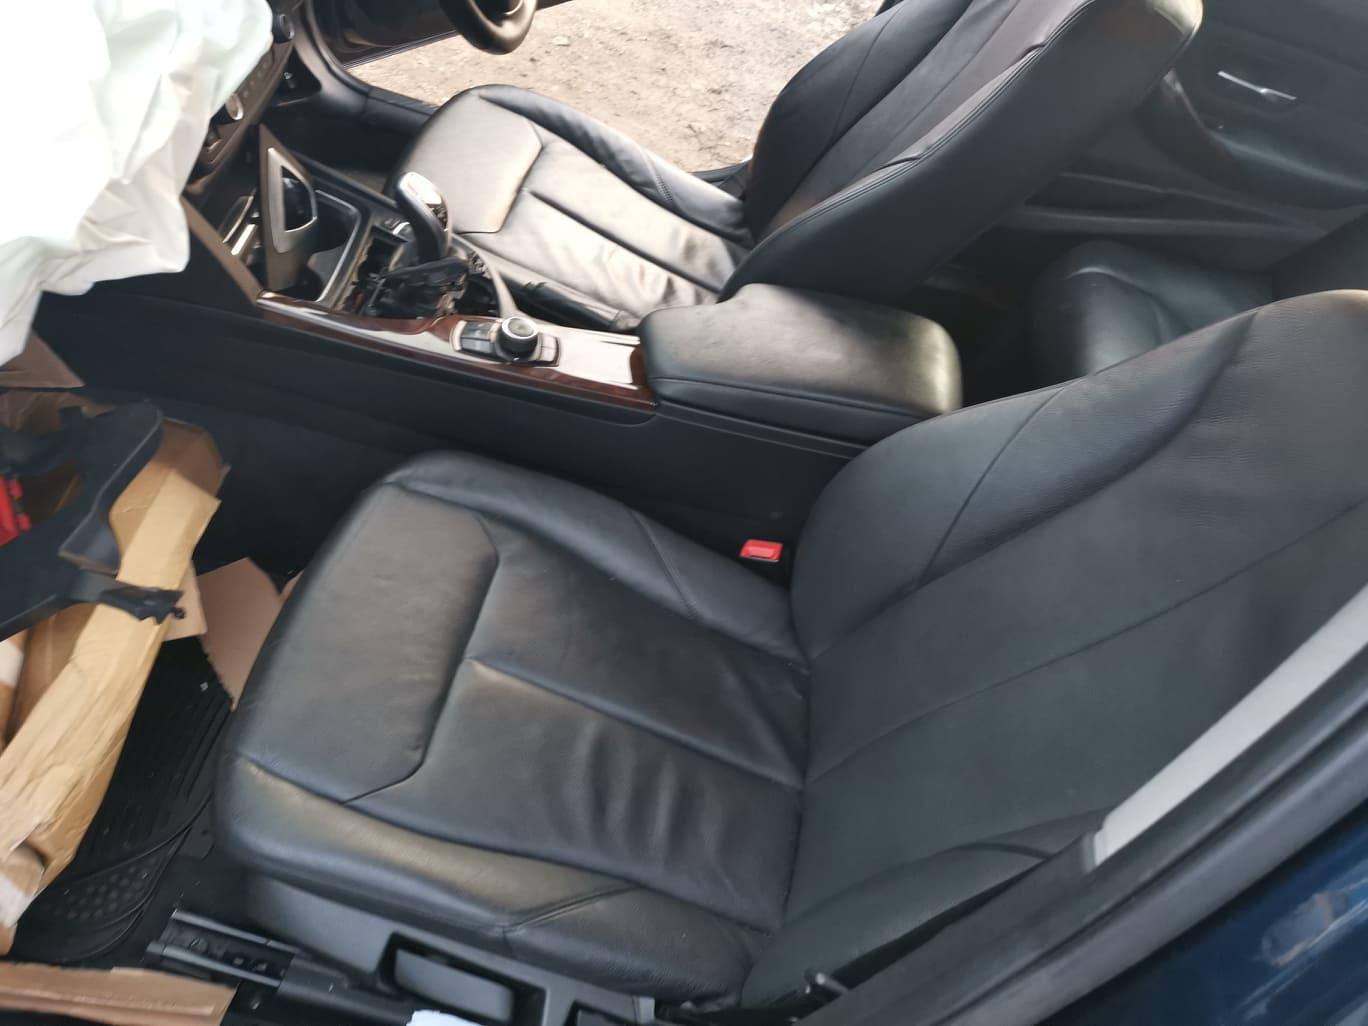 BMW alkatrészek - BMW F30 320D - Ülés, kárpit - Carbon Car Center Kft. Békéscsaba 021